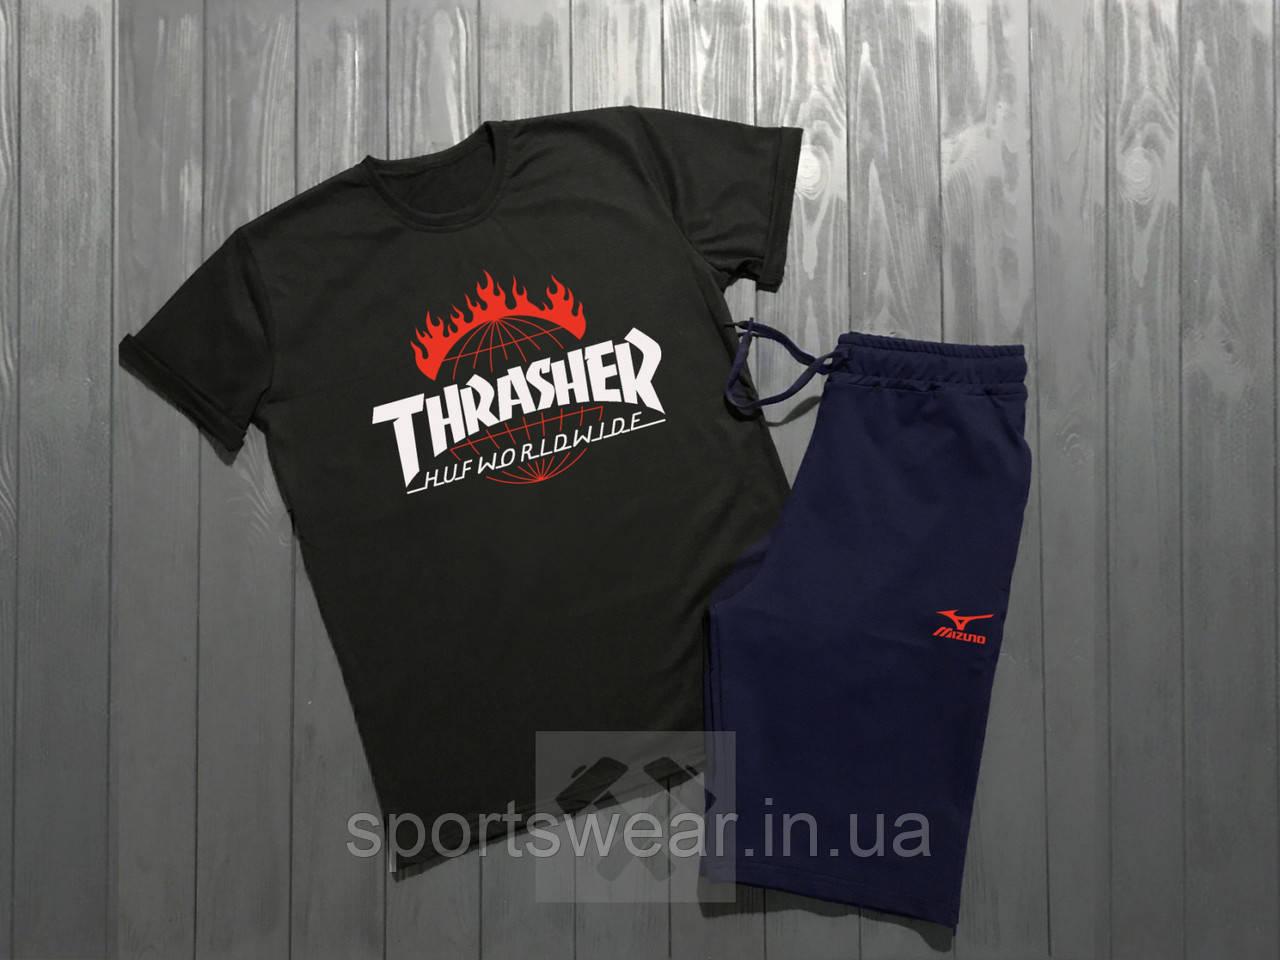 """Мужской комплект футболка + шорты Thrasher черного и синего цвета """""""" В стиле Thrasher """""""""""